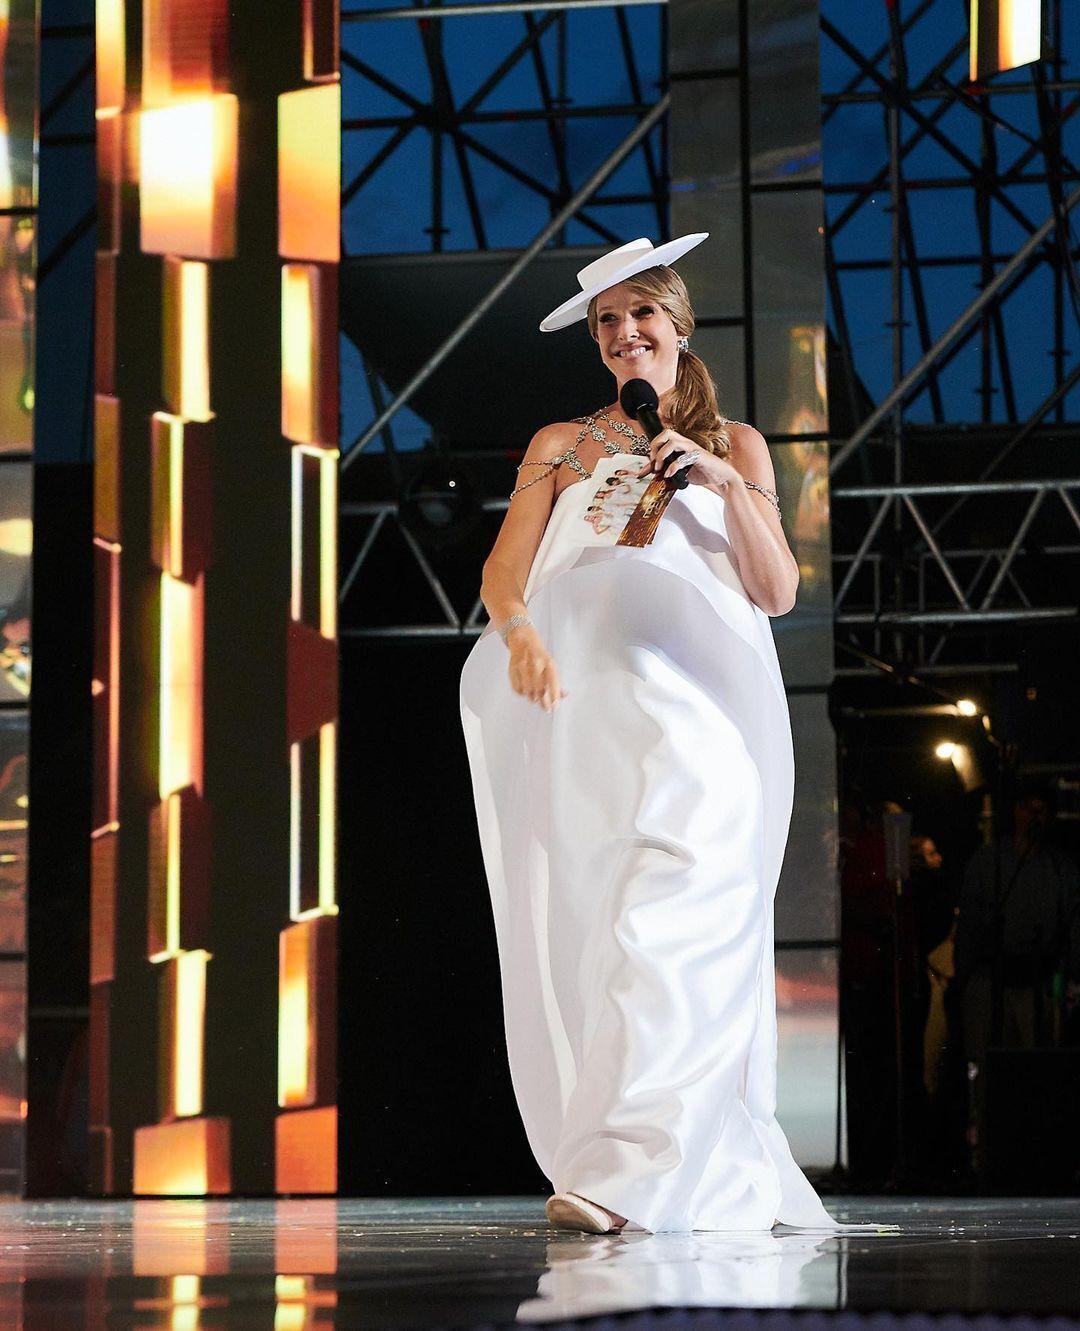 Катя Осадча засвітилася в модній сукні з діамантами від української дизайнерки